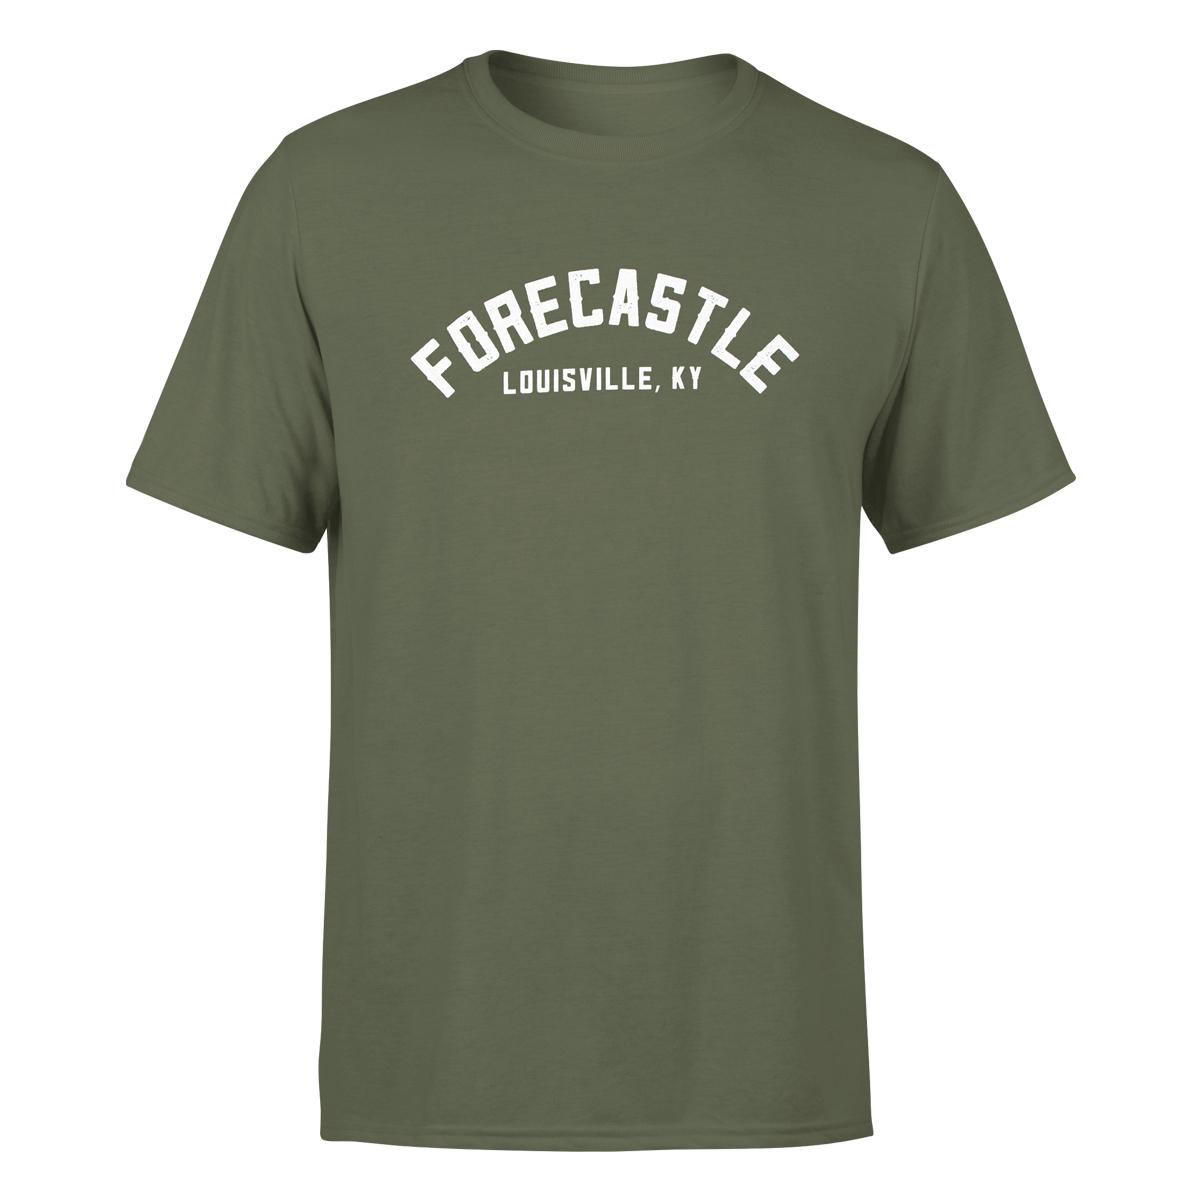 Forecastle Louisville, KY 2016 Tee